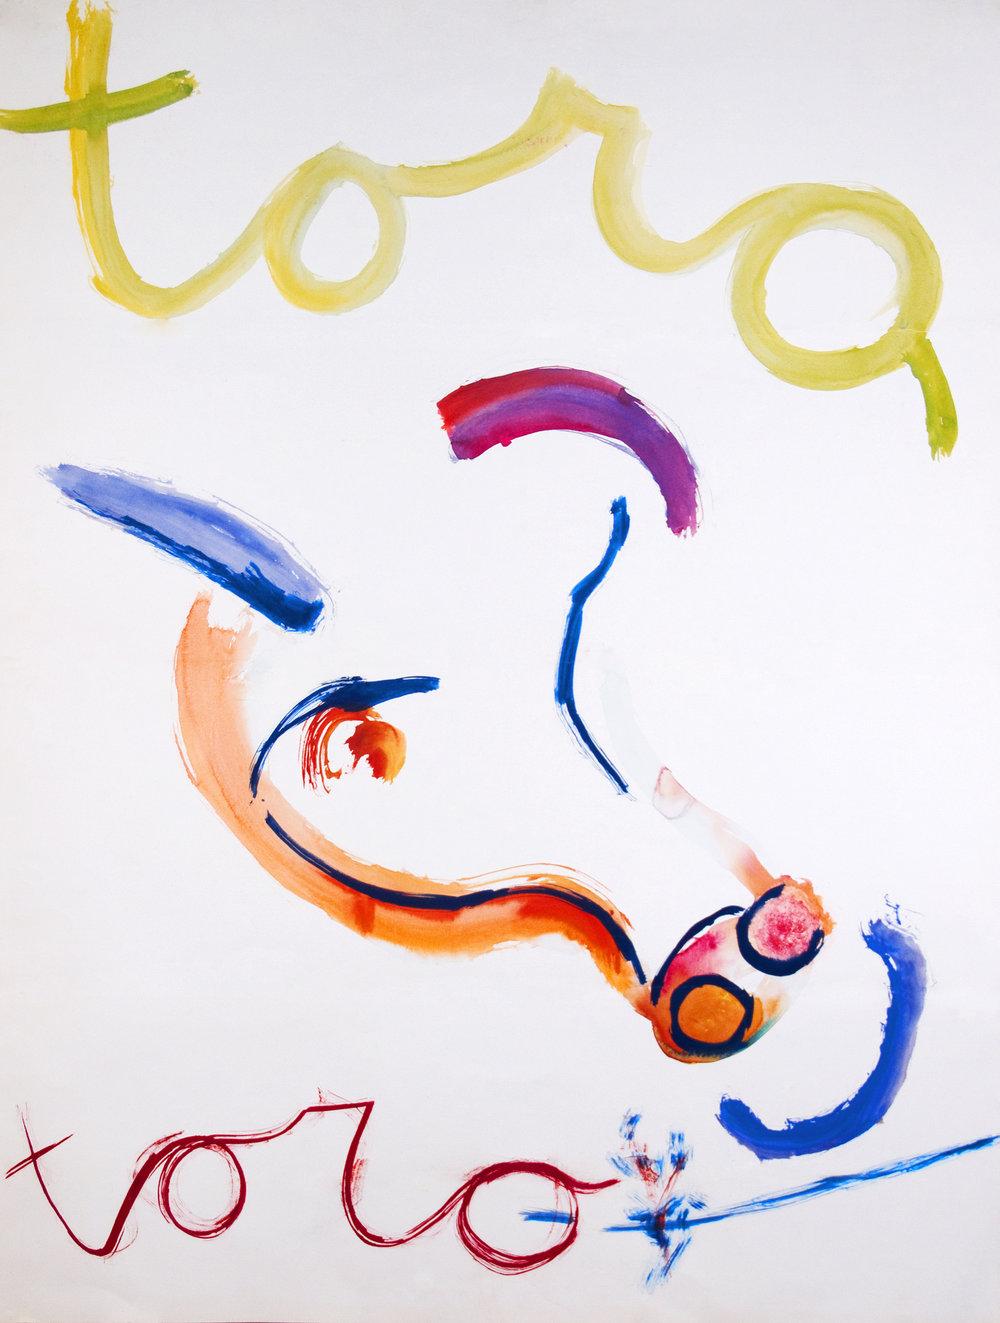 TORO TORO Watercolor on Paper 46 x 35 inches (117 x 89 cm)